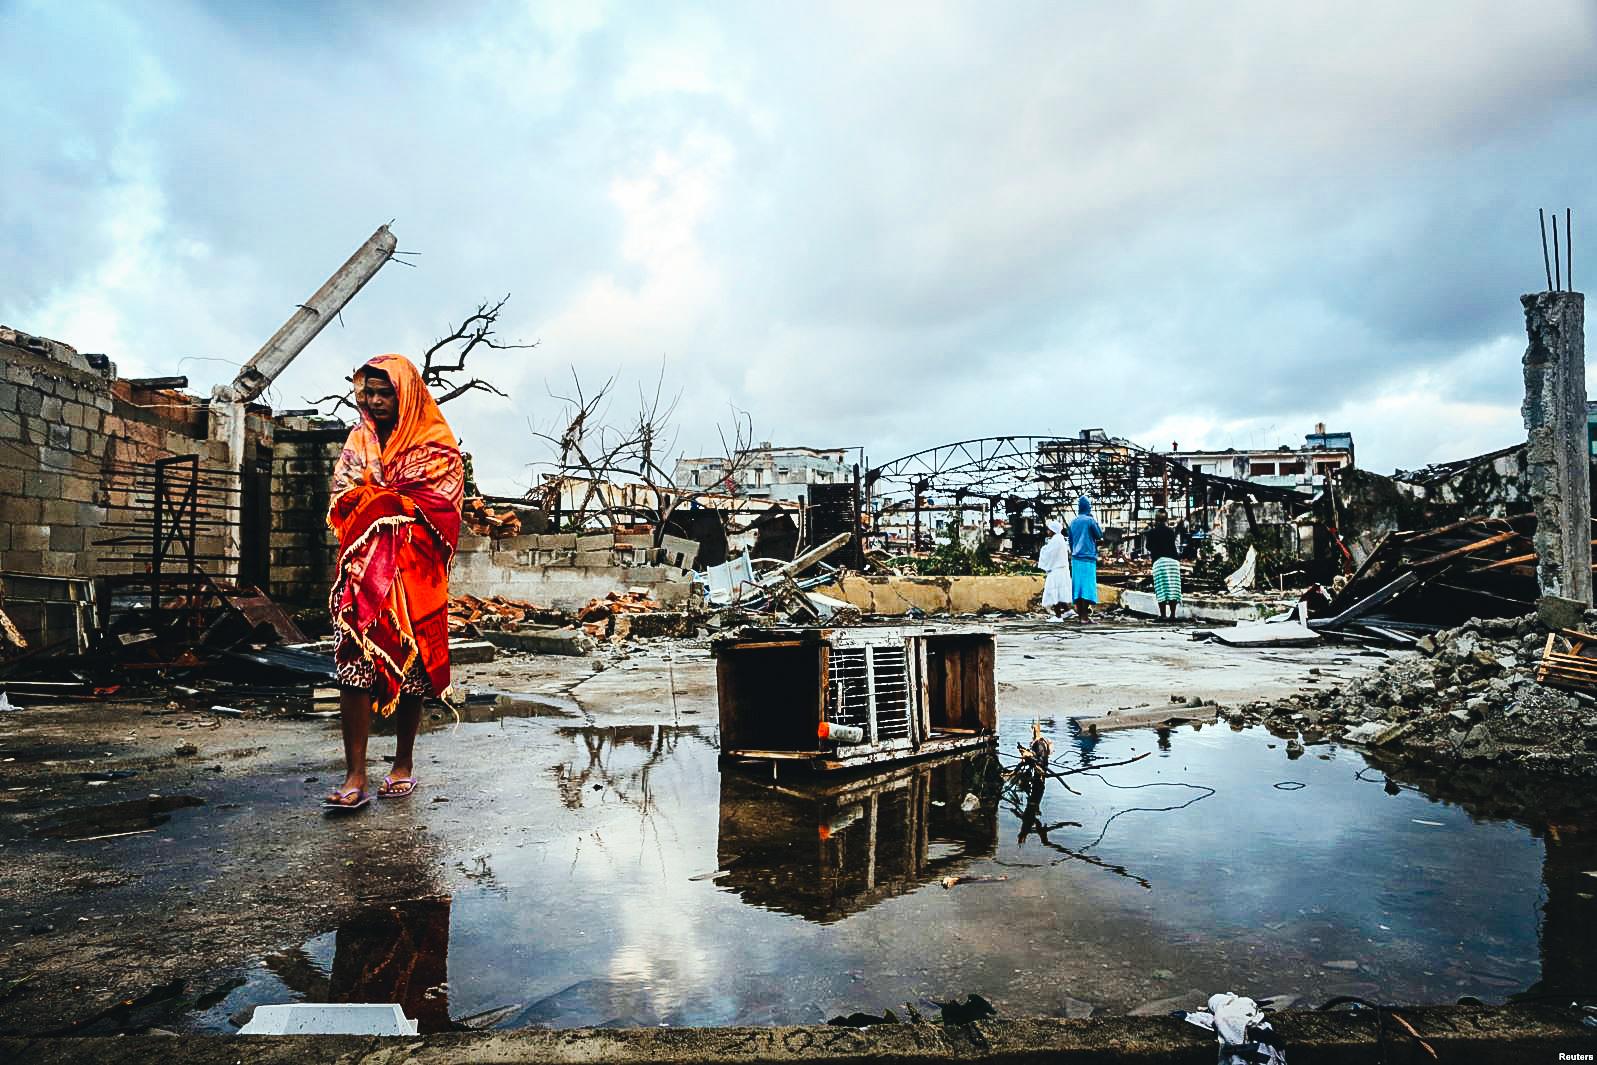 Una mujer recorre la destrucción que ha dejado el tornado en su vecindario en La Habana.